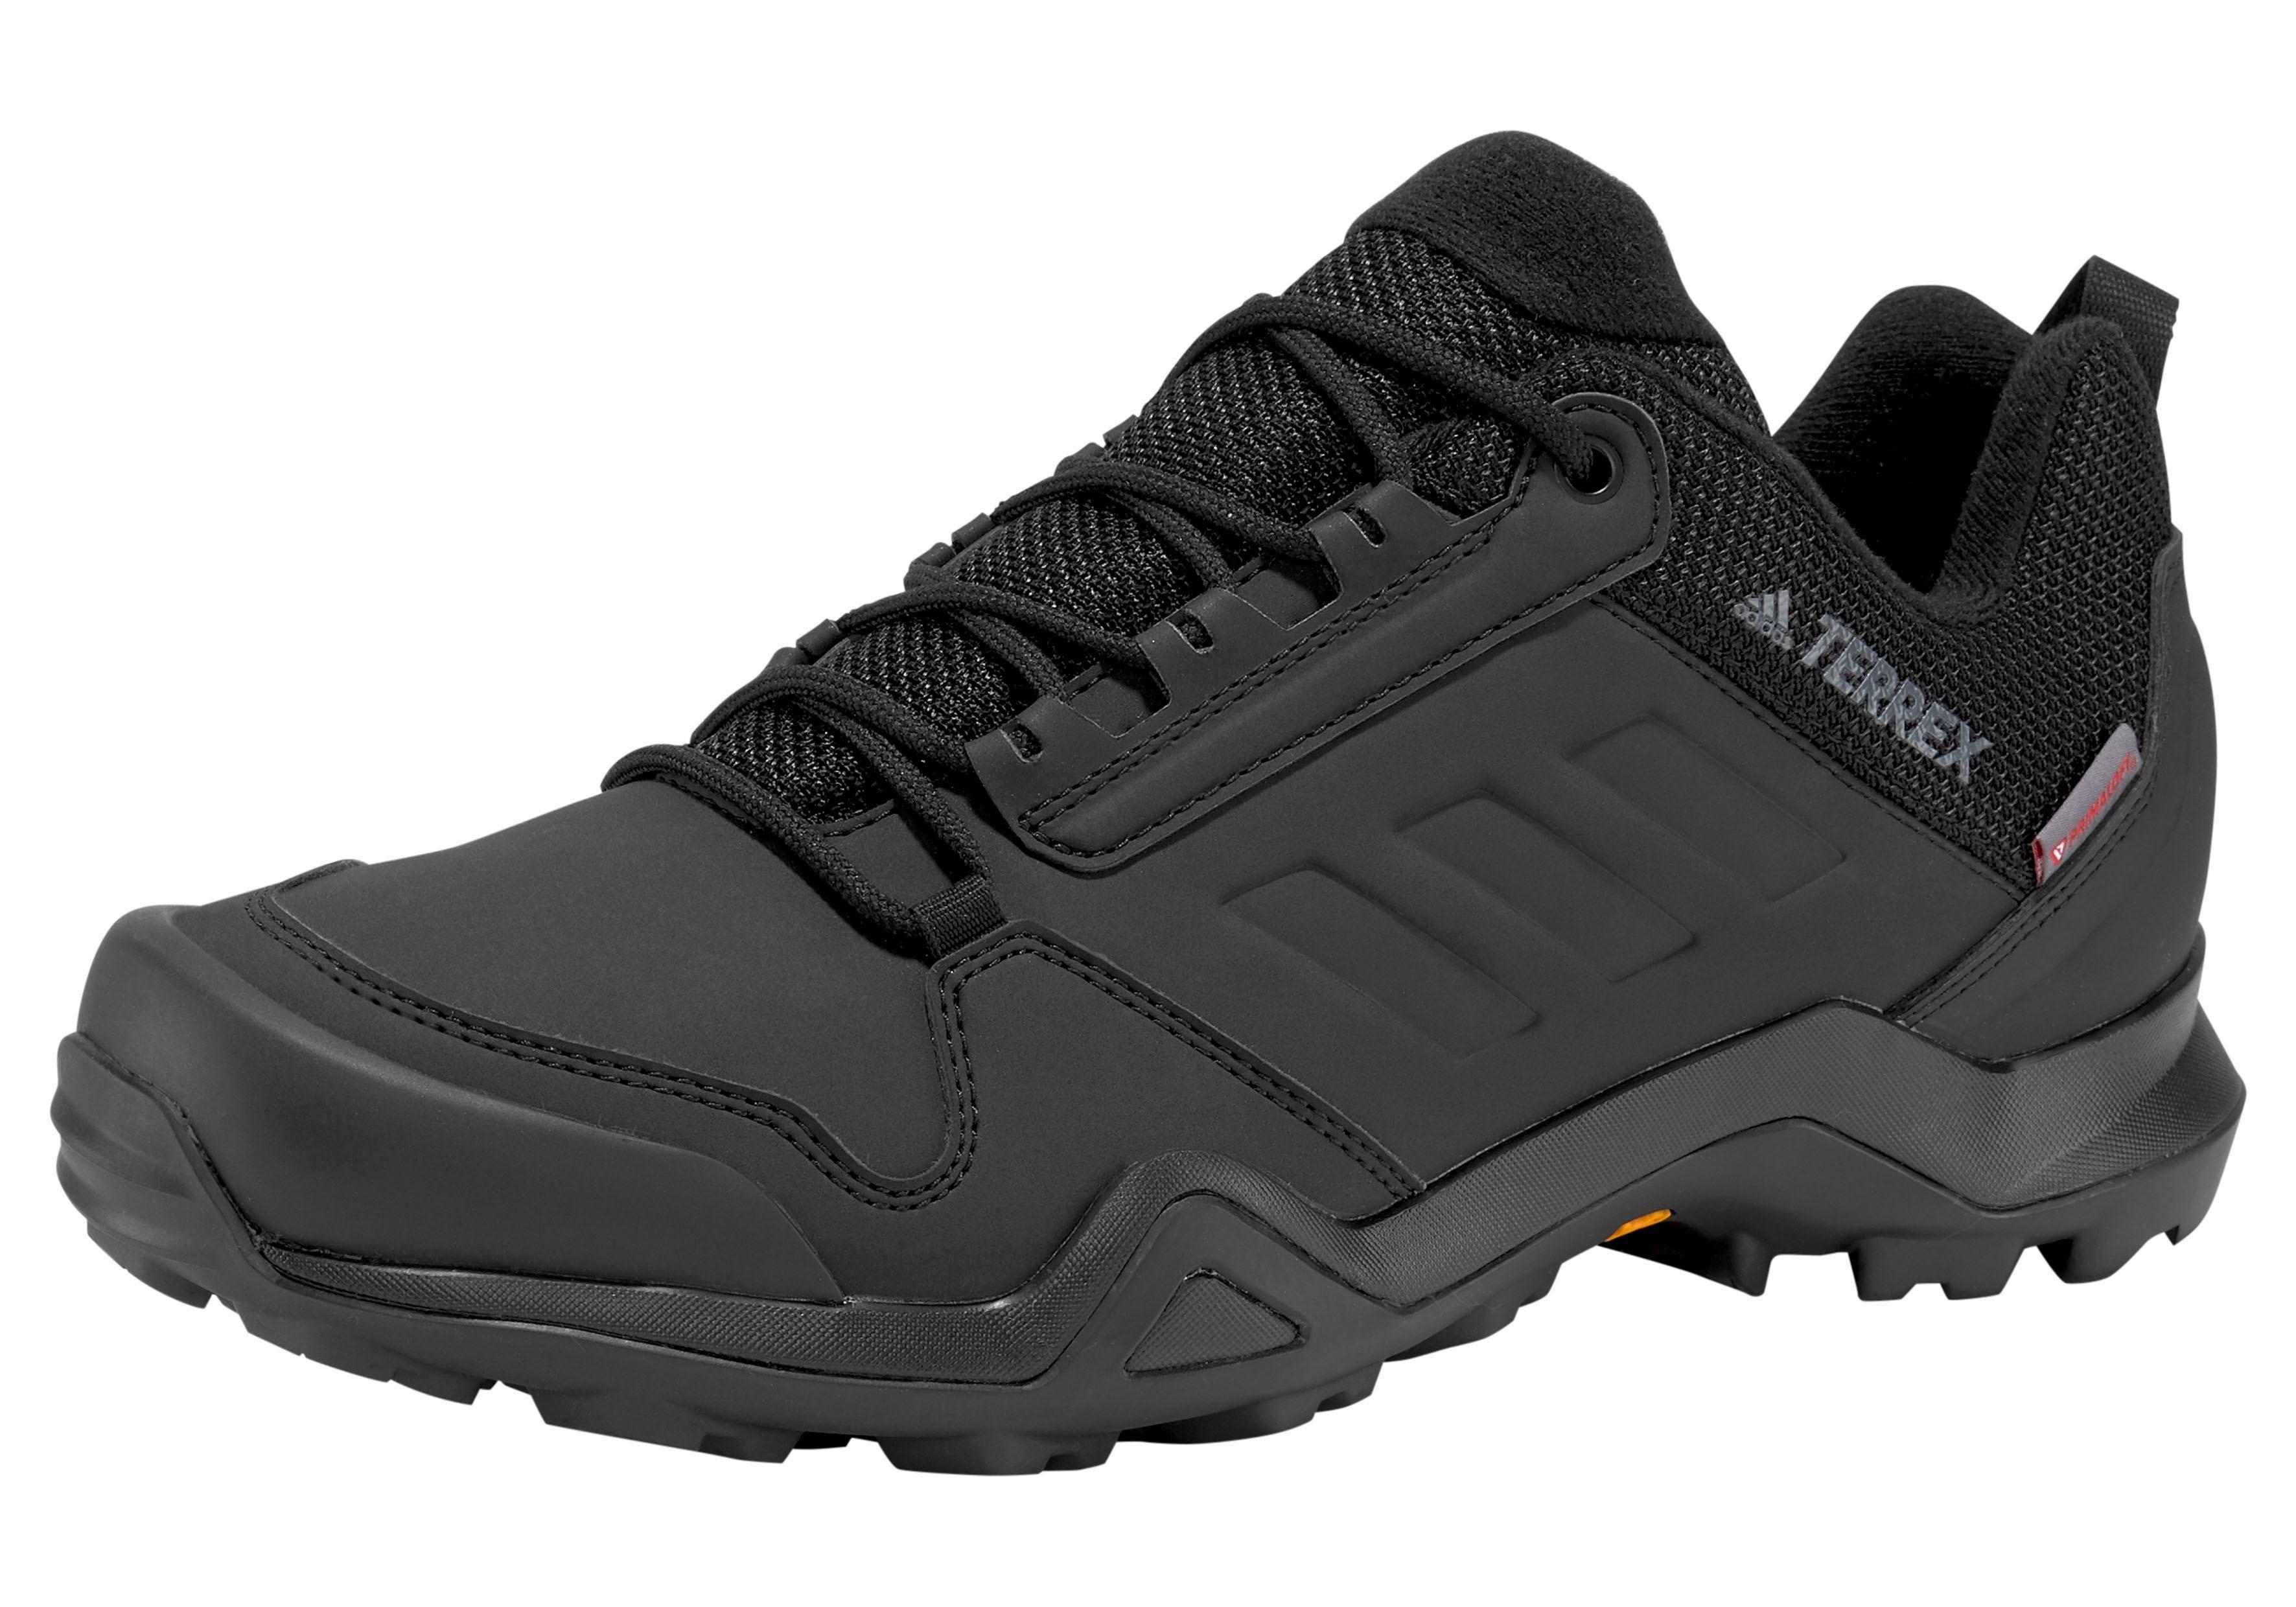 adidas Performance outdoorschoenen »TERREX AX3 BETA CLIMAWARM« nu online bestellen